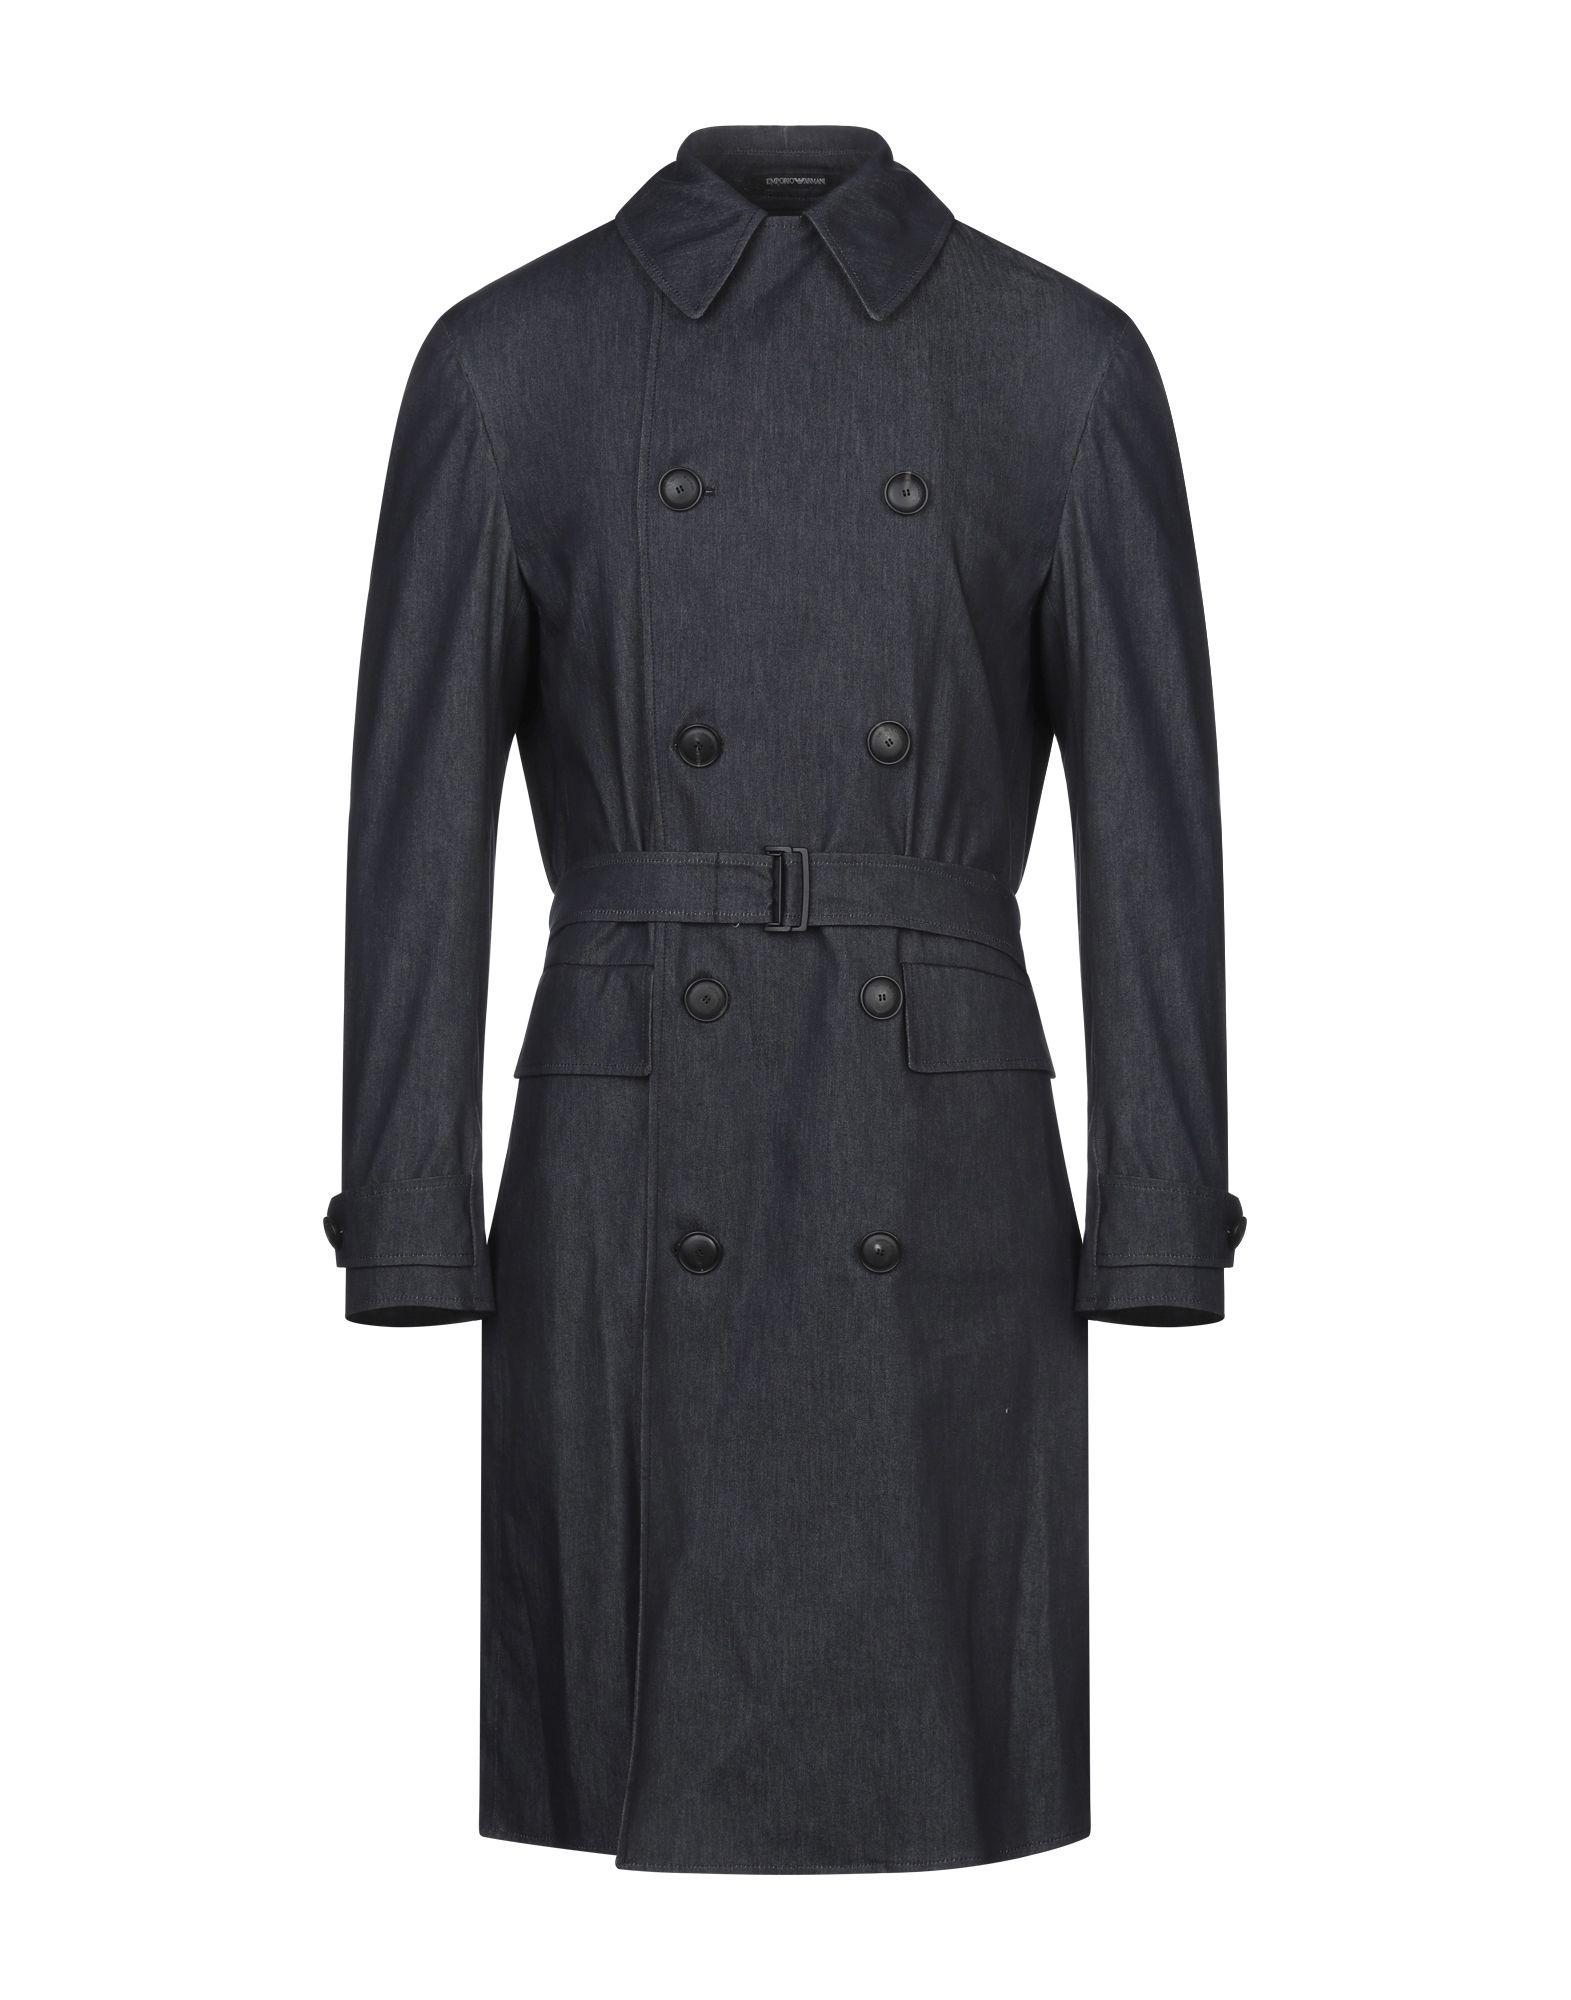 цена EMPORIO ARMANI Джинсовая верхняя одежда онлайн в 2017 году